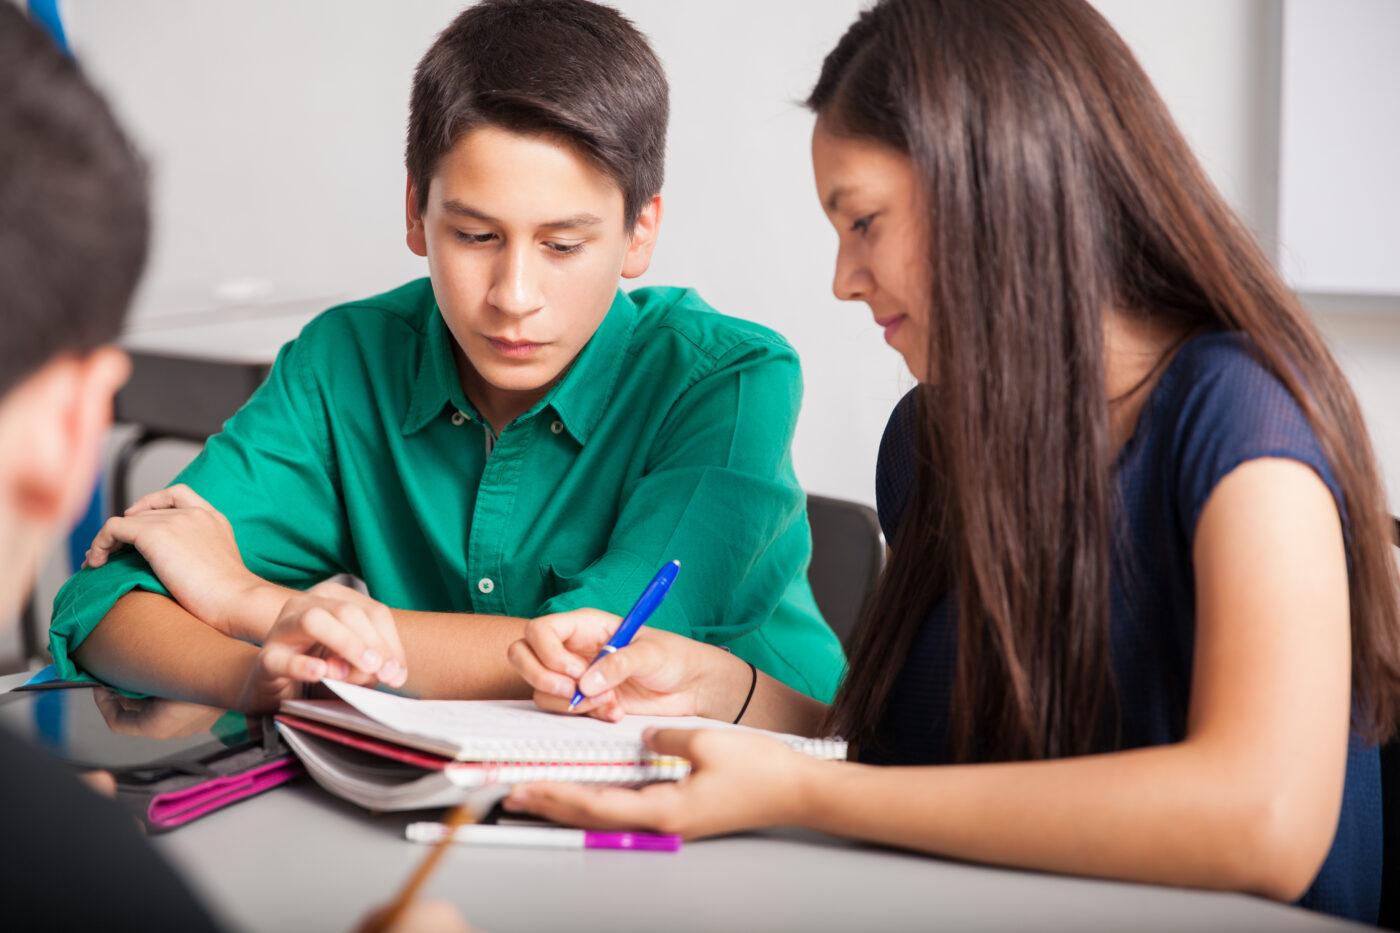 Come organizziamo la collaborazione fra alunni nell'ora di matematica? Il tutoraggio fra pari